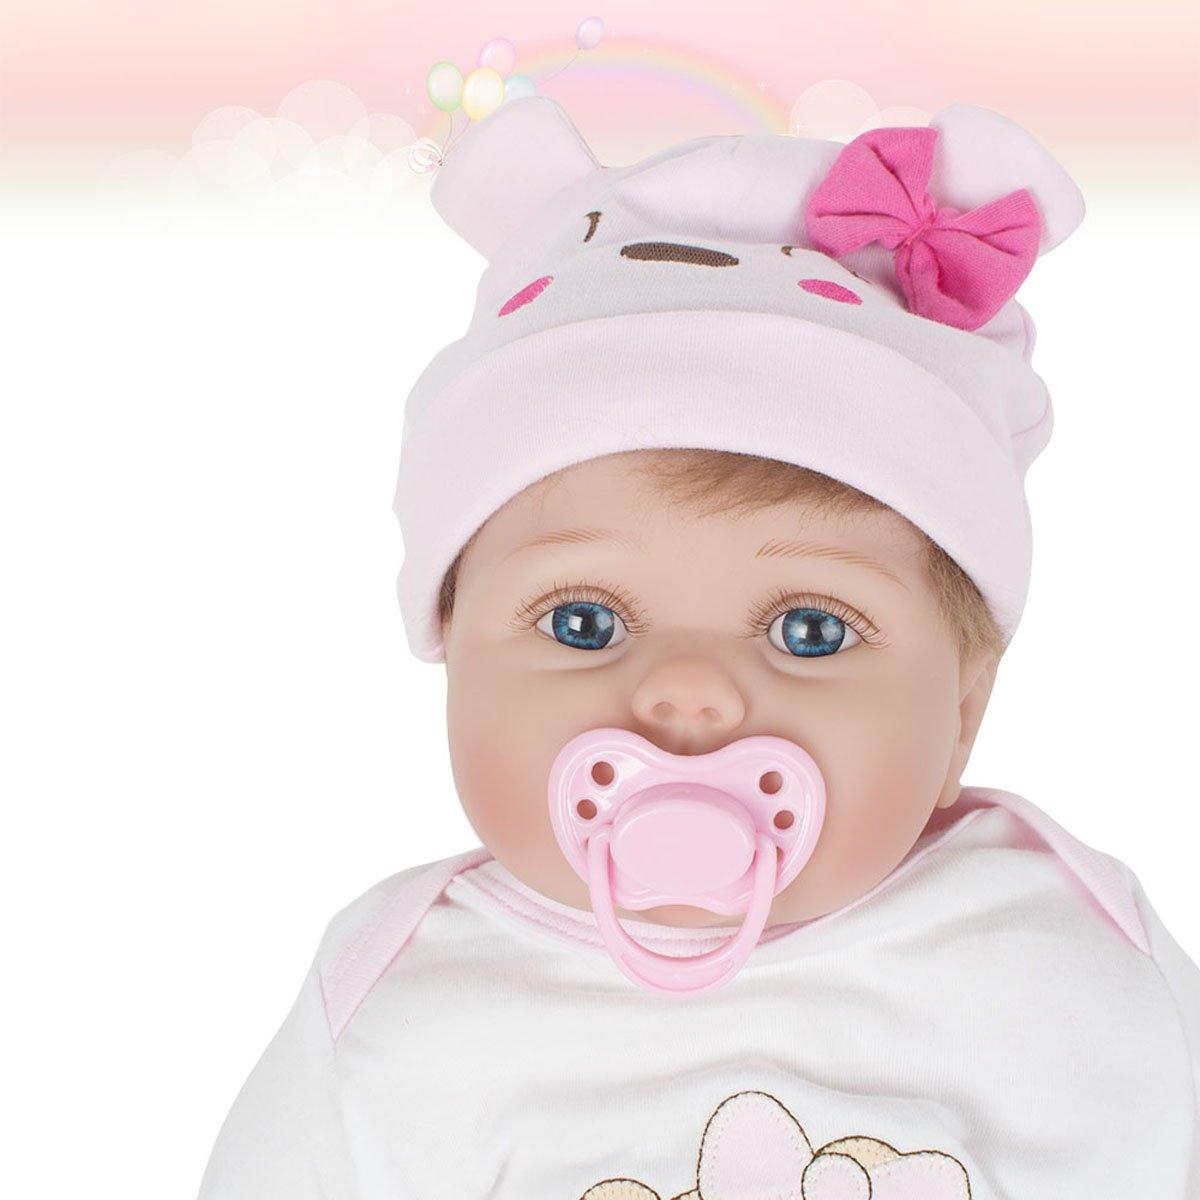 Scenstar New Born Baby Babypuppen Interactive Super Soft Lifelike Neugeborene Silikon Vinyl Reborn Geschenk Baby Dolls Handgefertigte Puppen + Kleidung,55cm